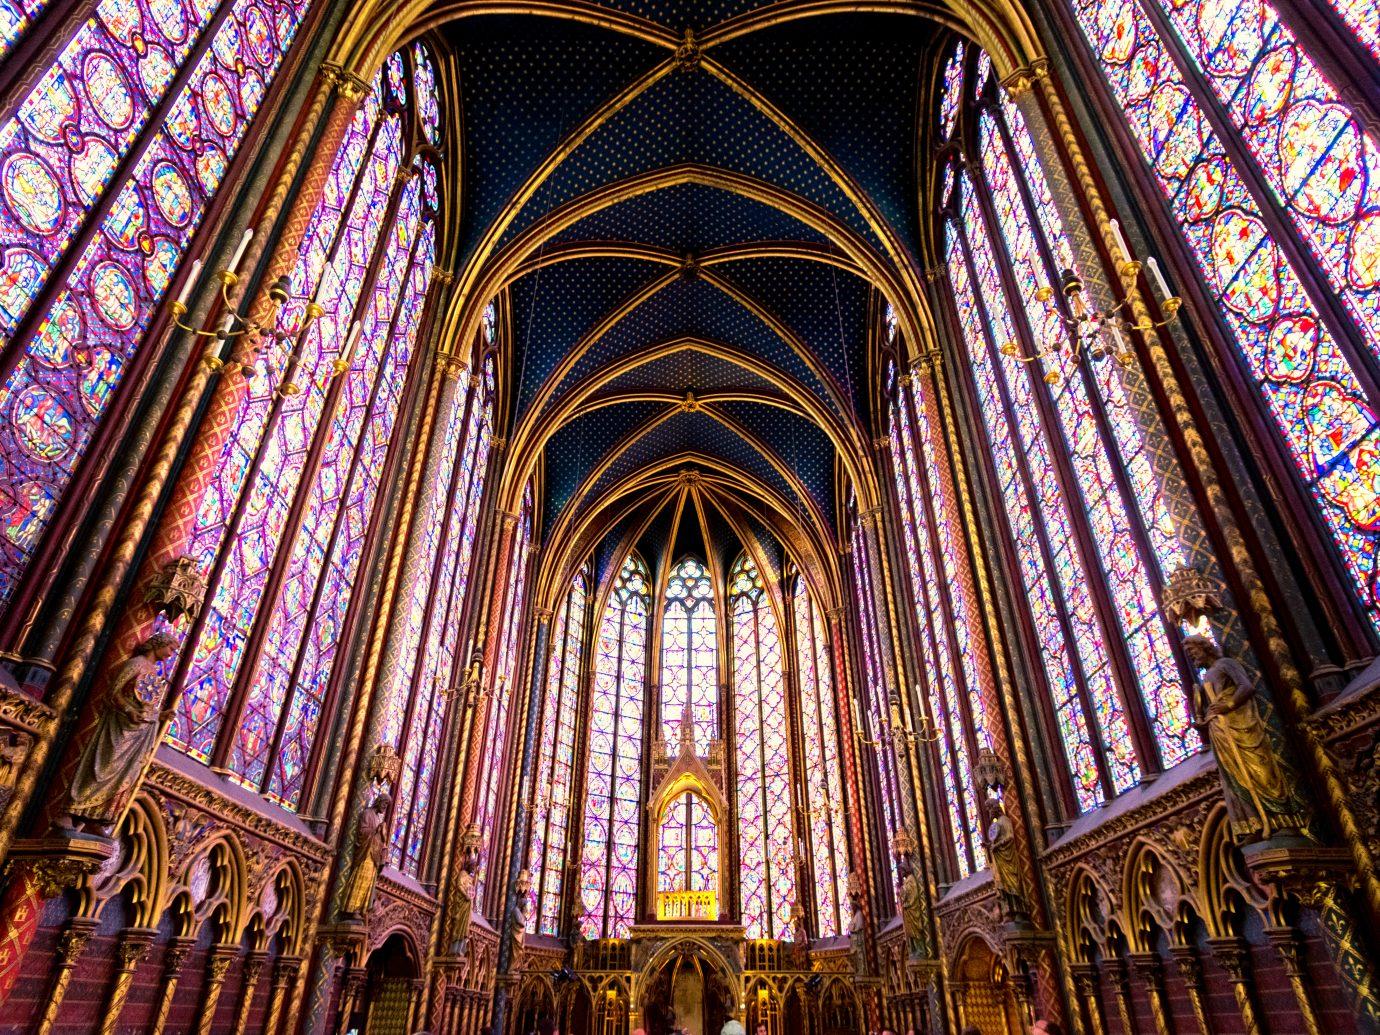 Sainte-Chapelle in Paris, France.